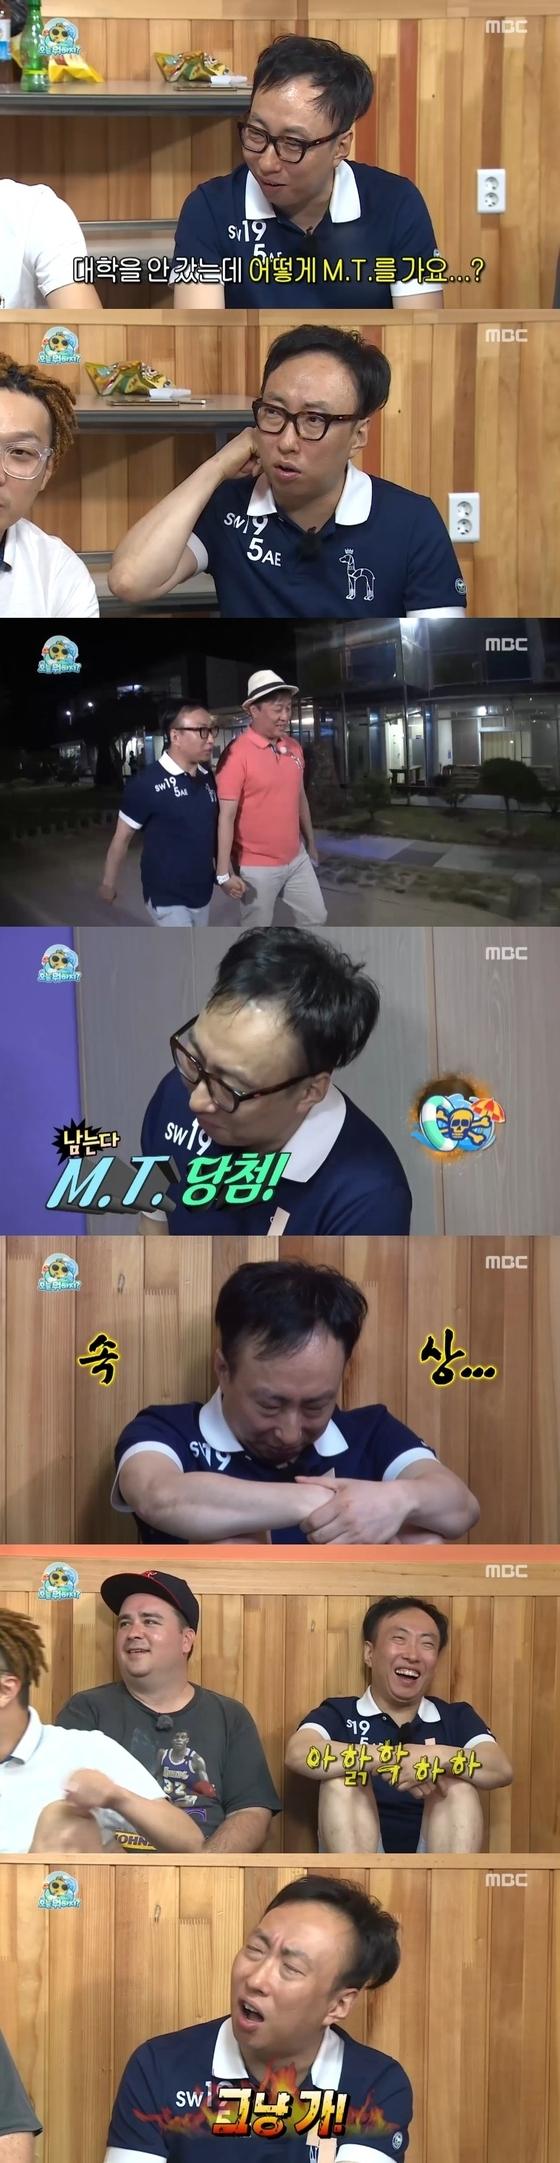 지난 25일 오후 6시20분 MBC '무한도전'이 방송됐다. © News1star / MBC '무한도전' 캡처